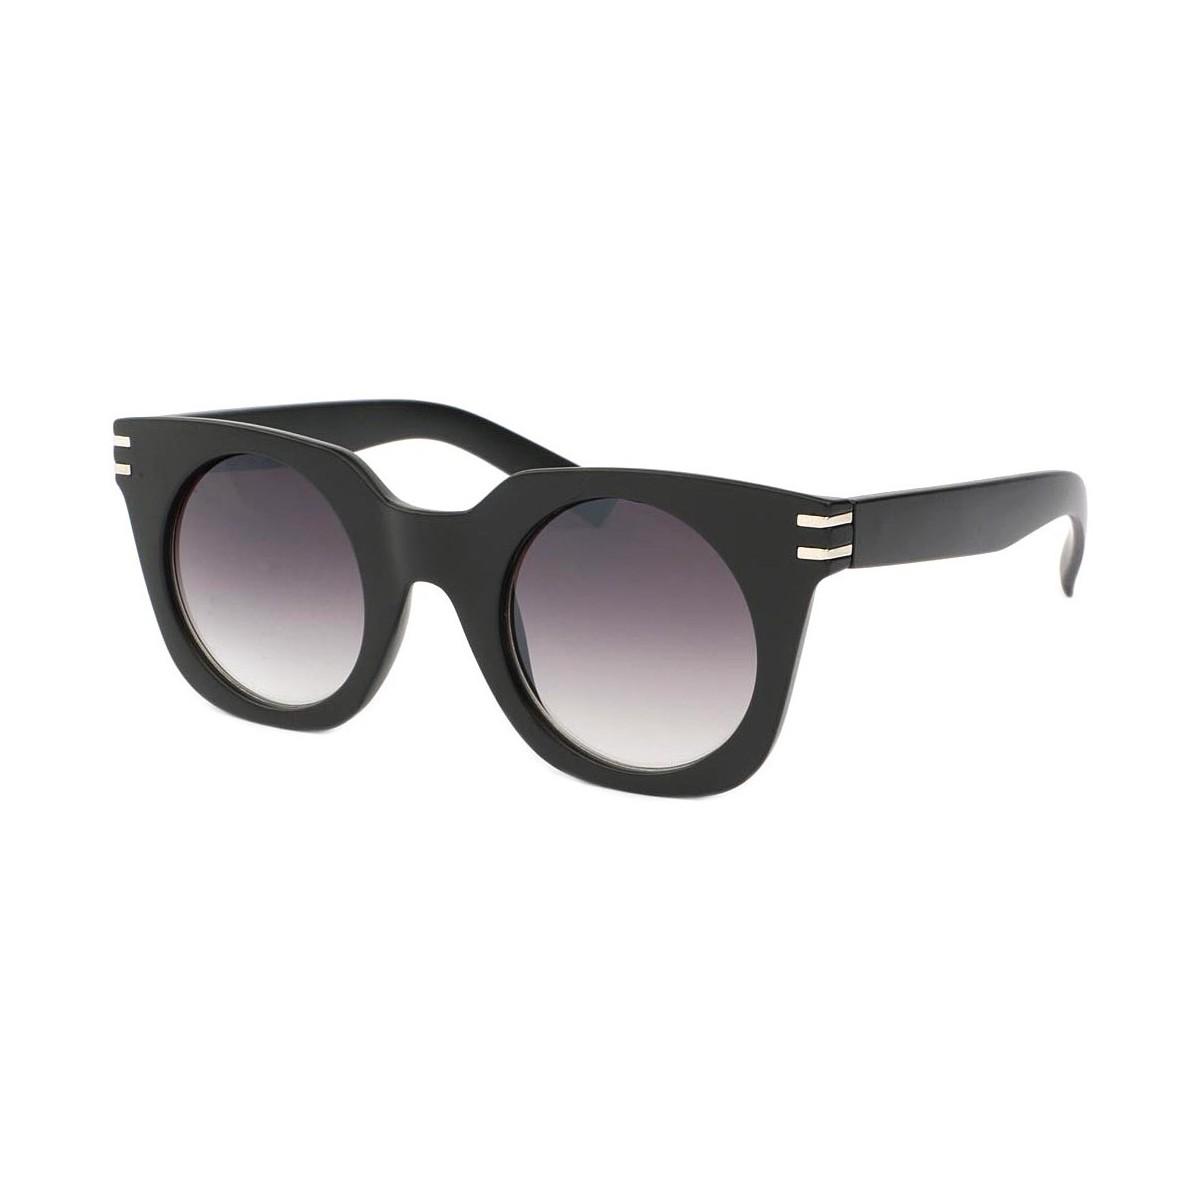 Eye Wear Lunettes de soleil Femme Ronde Noir Mat Meslay Noir